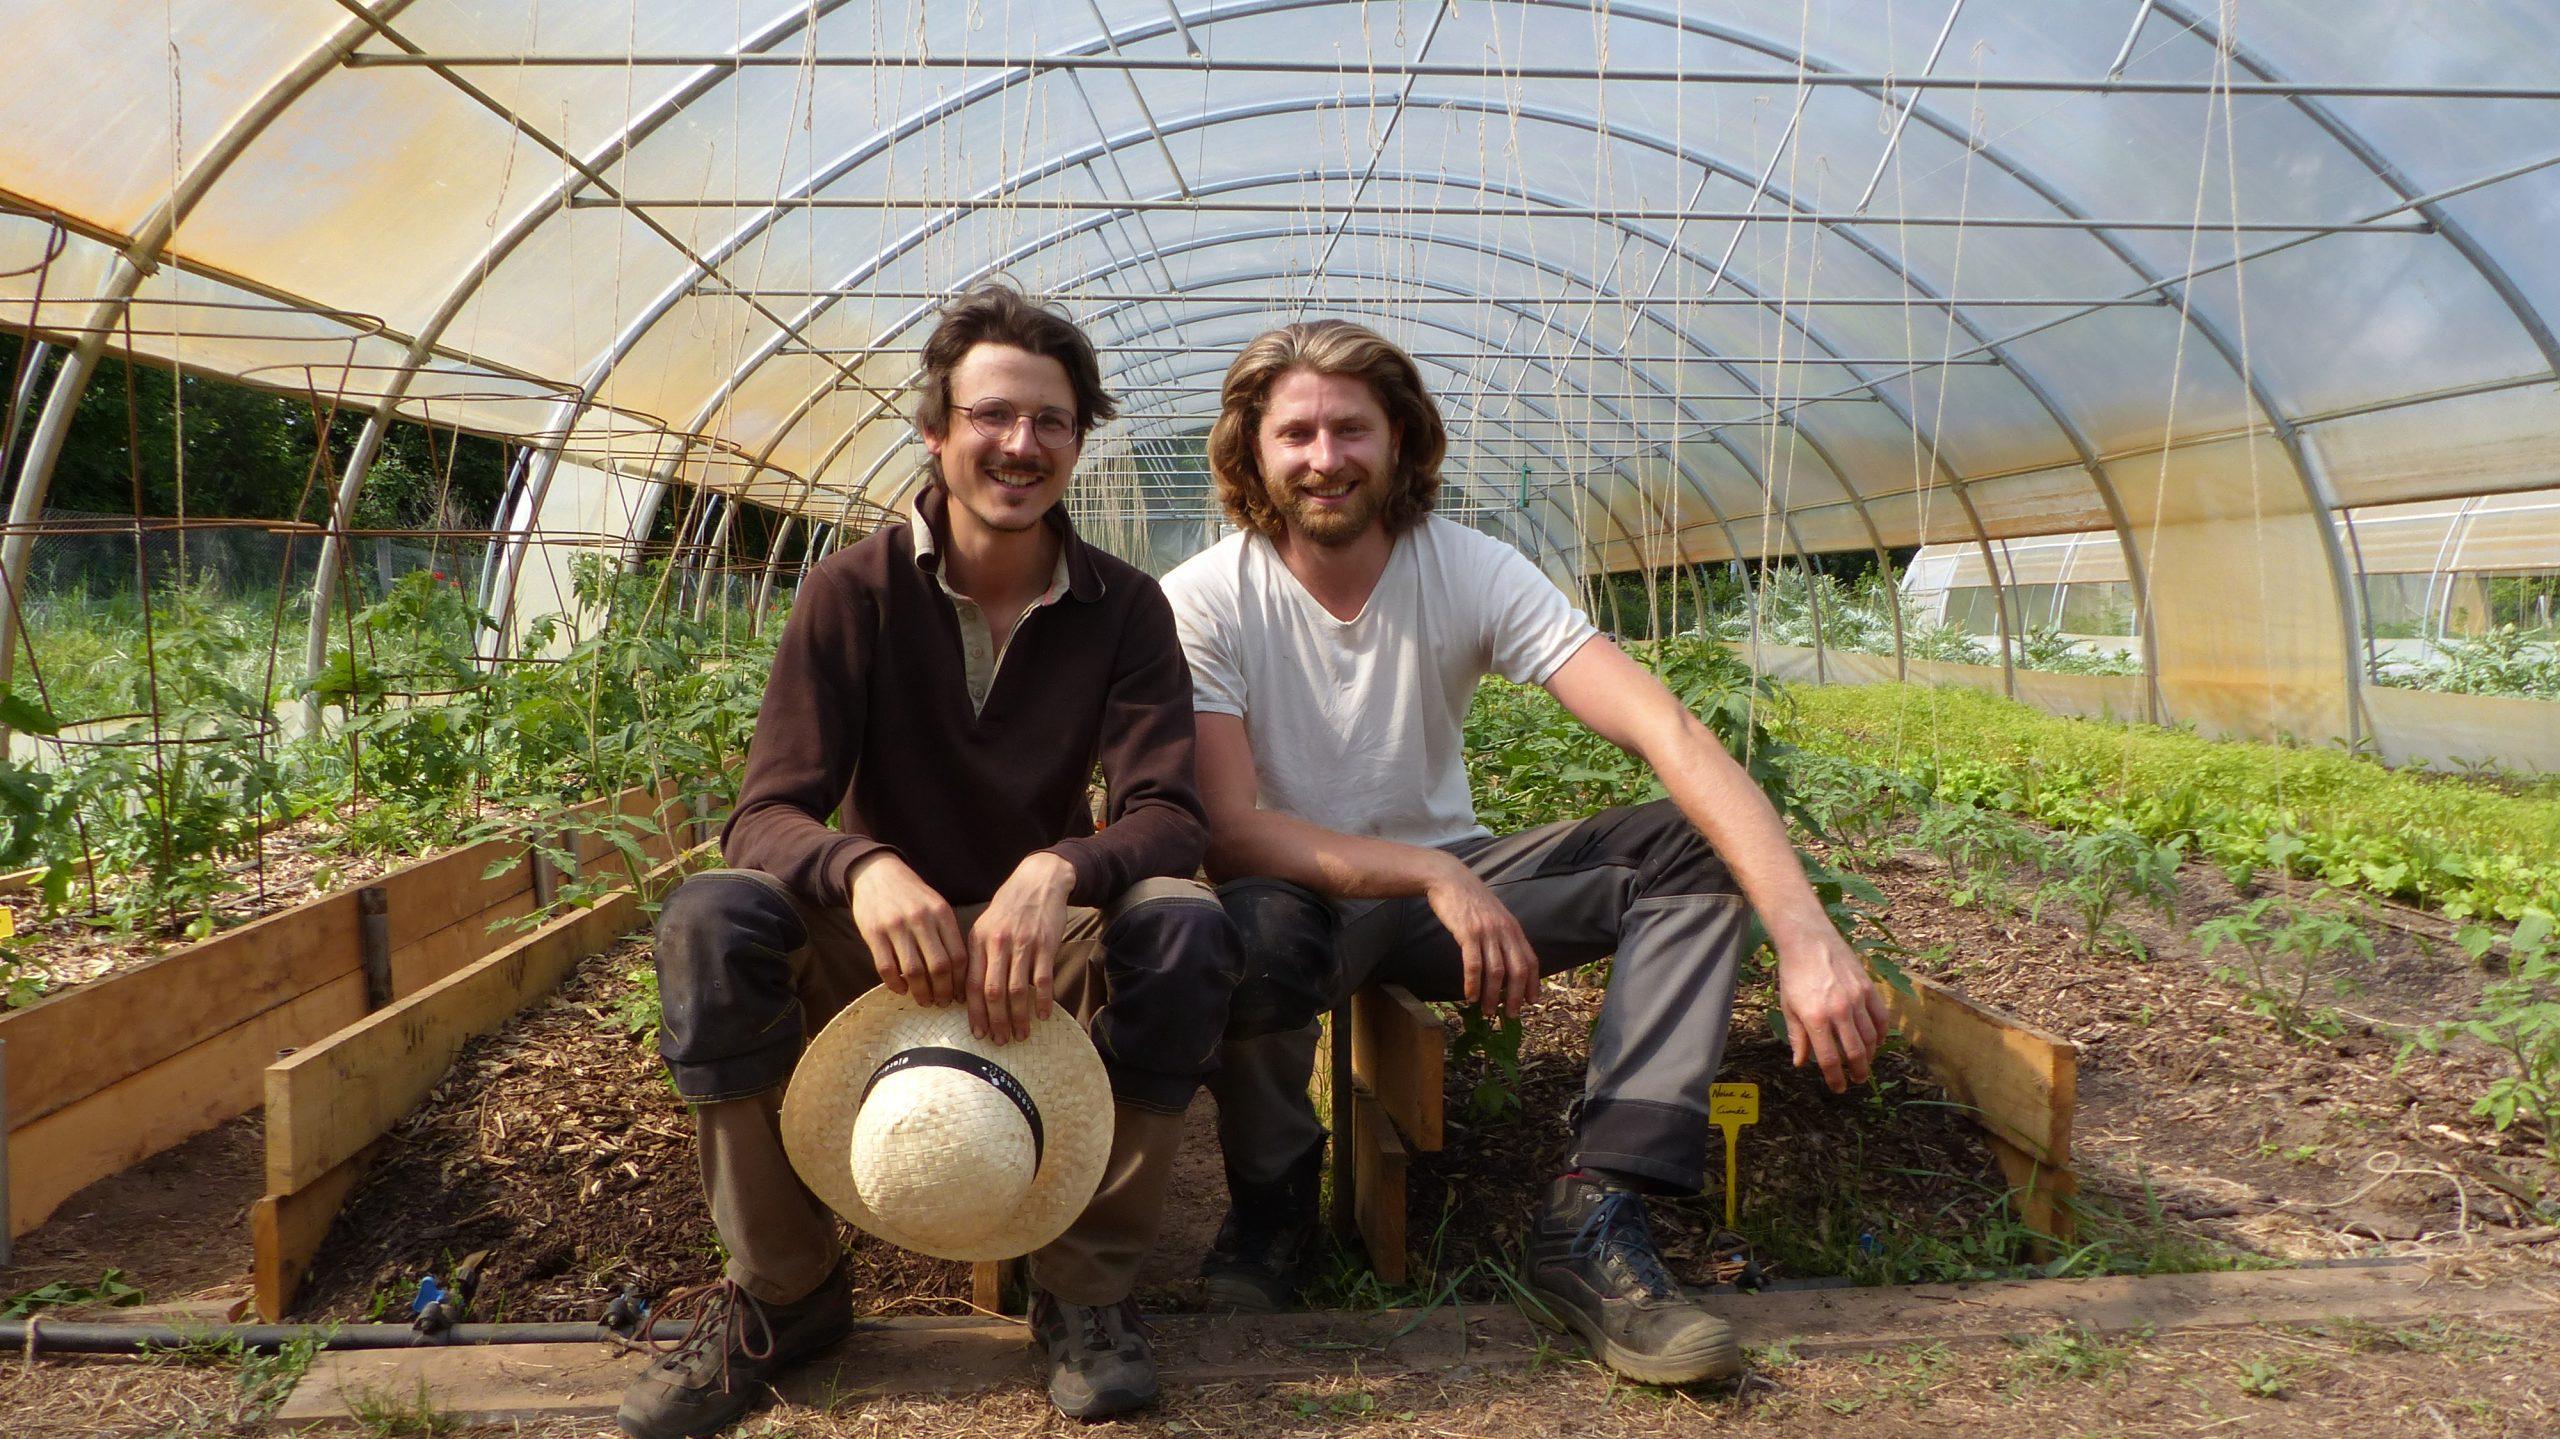 Le Potager de Loire, une ferme 100% biologique et agroécologique à La Riche qui se diversifie